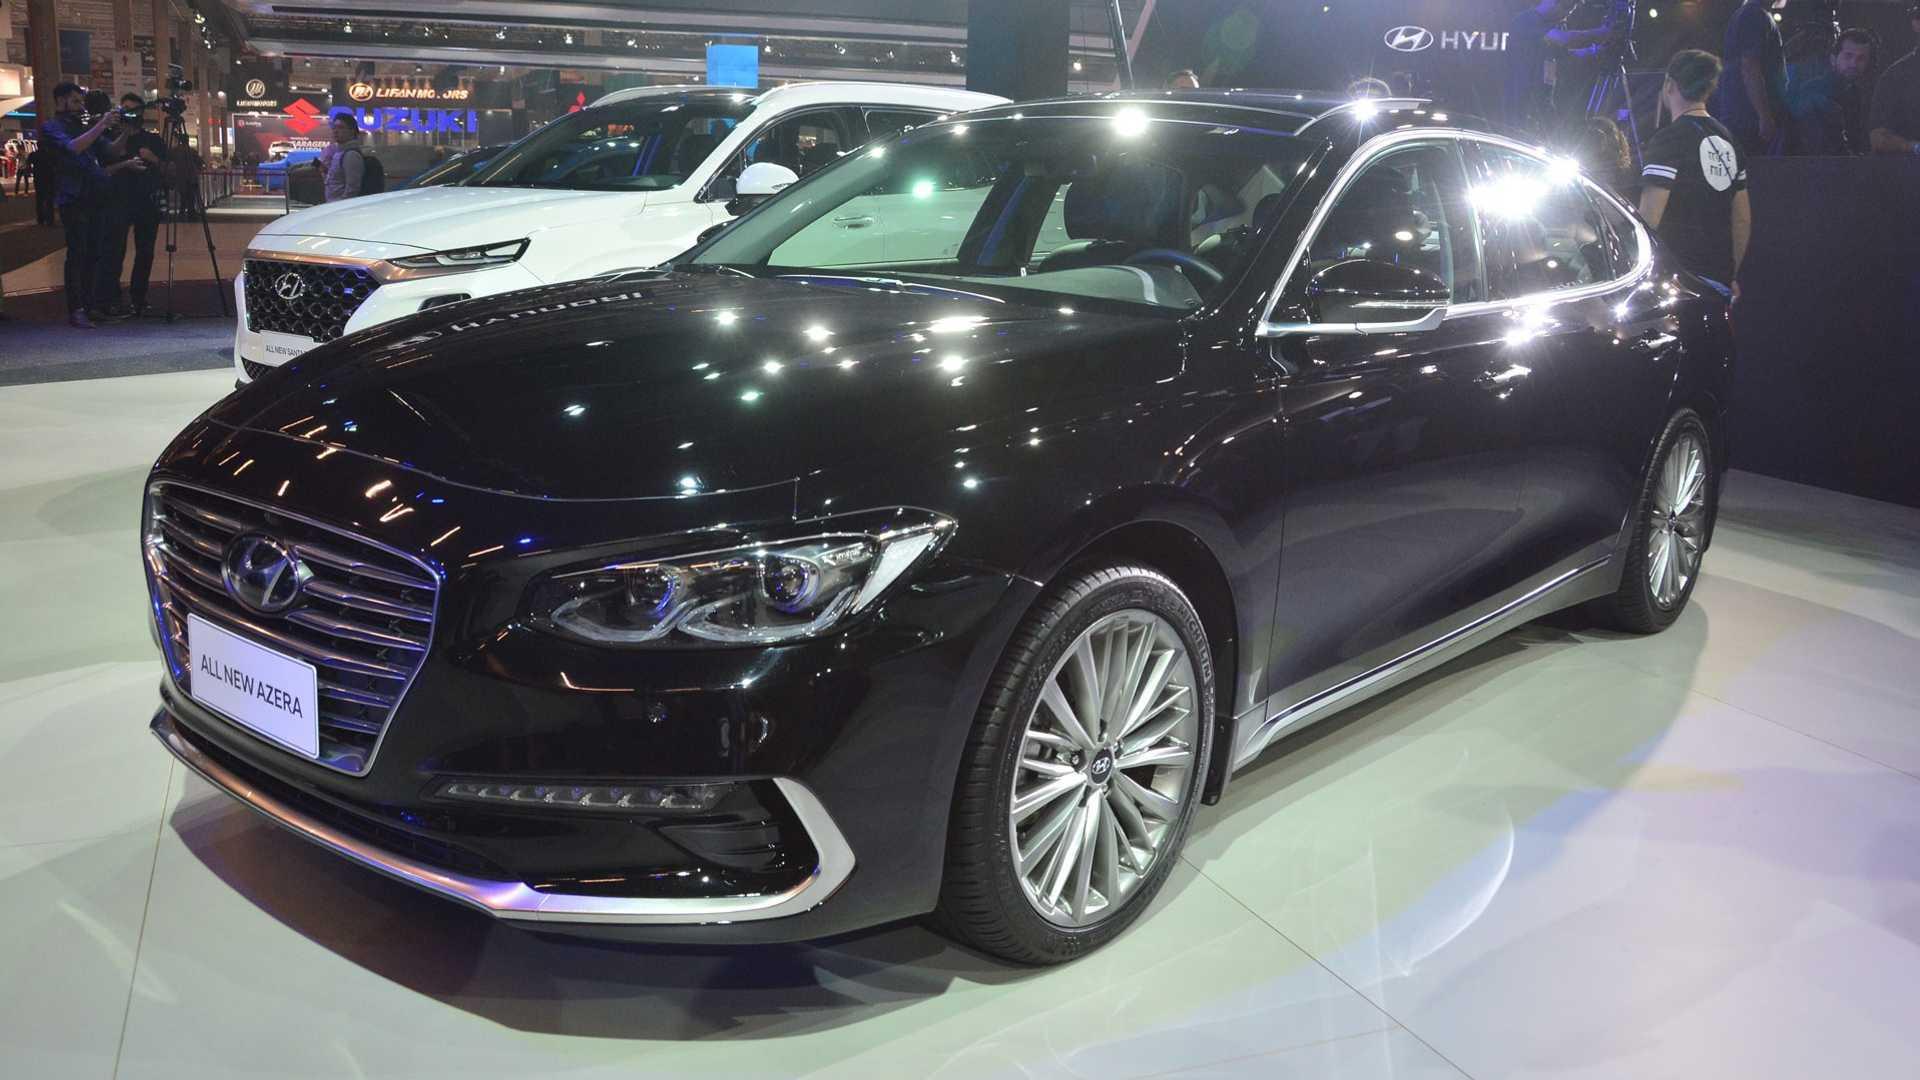 Forum gratis : Compra e venda engenharia Carro Hyundai-azera-elantra-e-santa-fe-salao-de-sp-2018